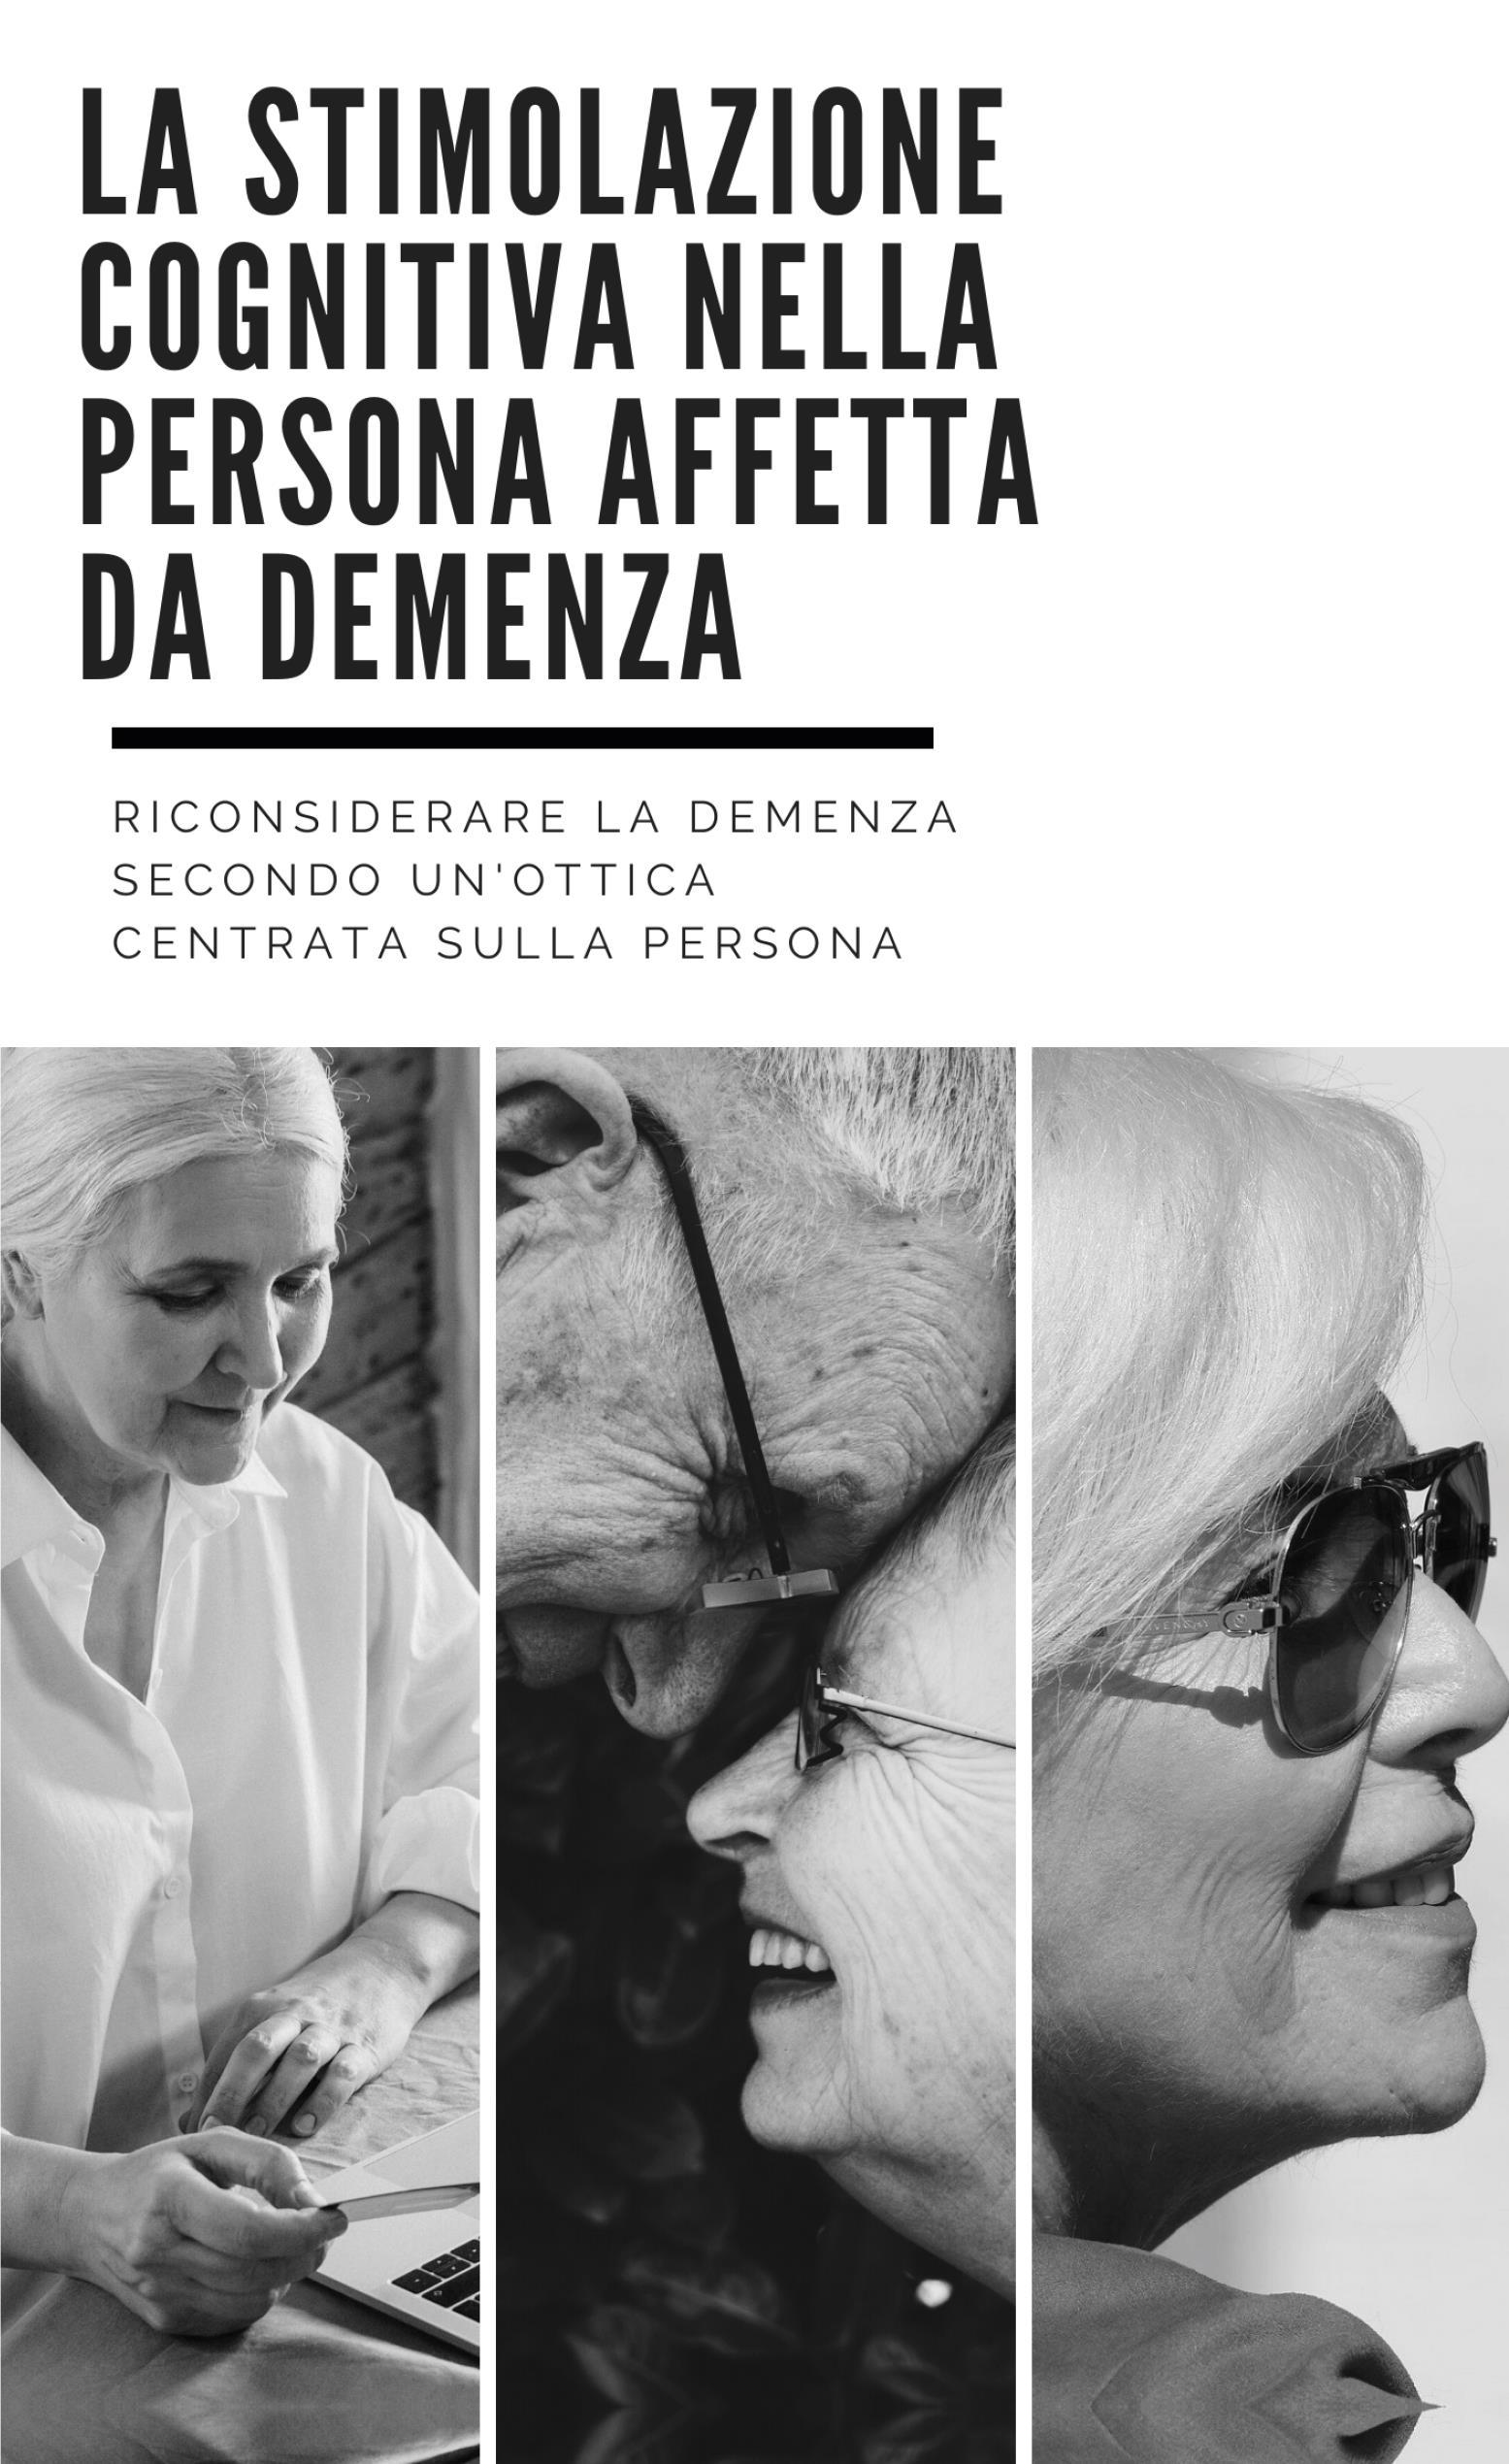 La stimolazione cognitiva nella persona affetta da demenza